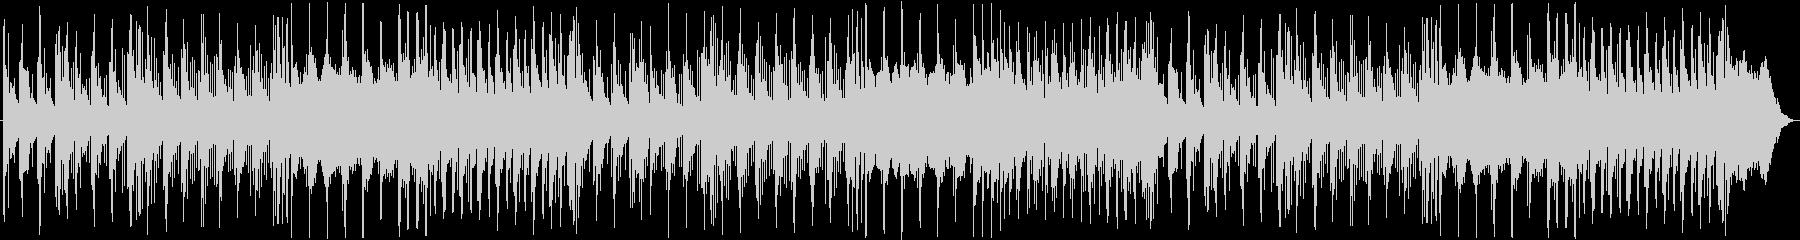 ハートビートバスドラムとローシンセ...の未再生の波形